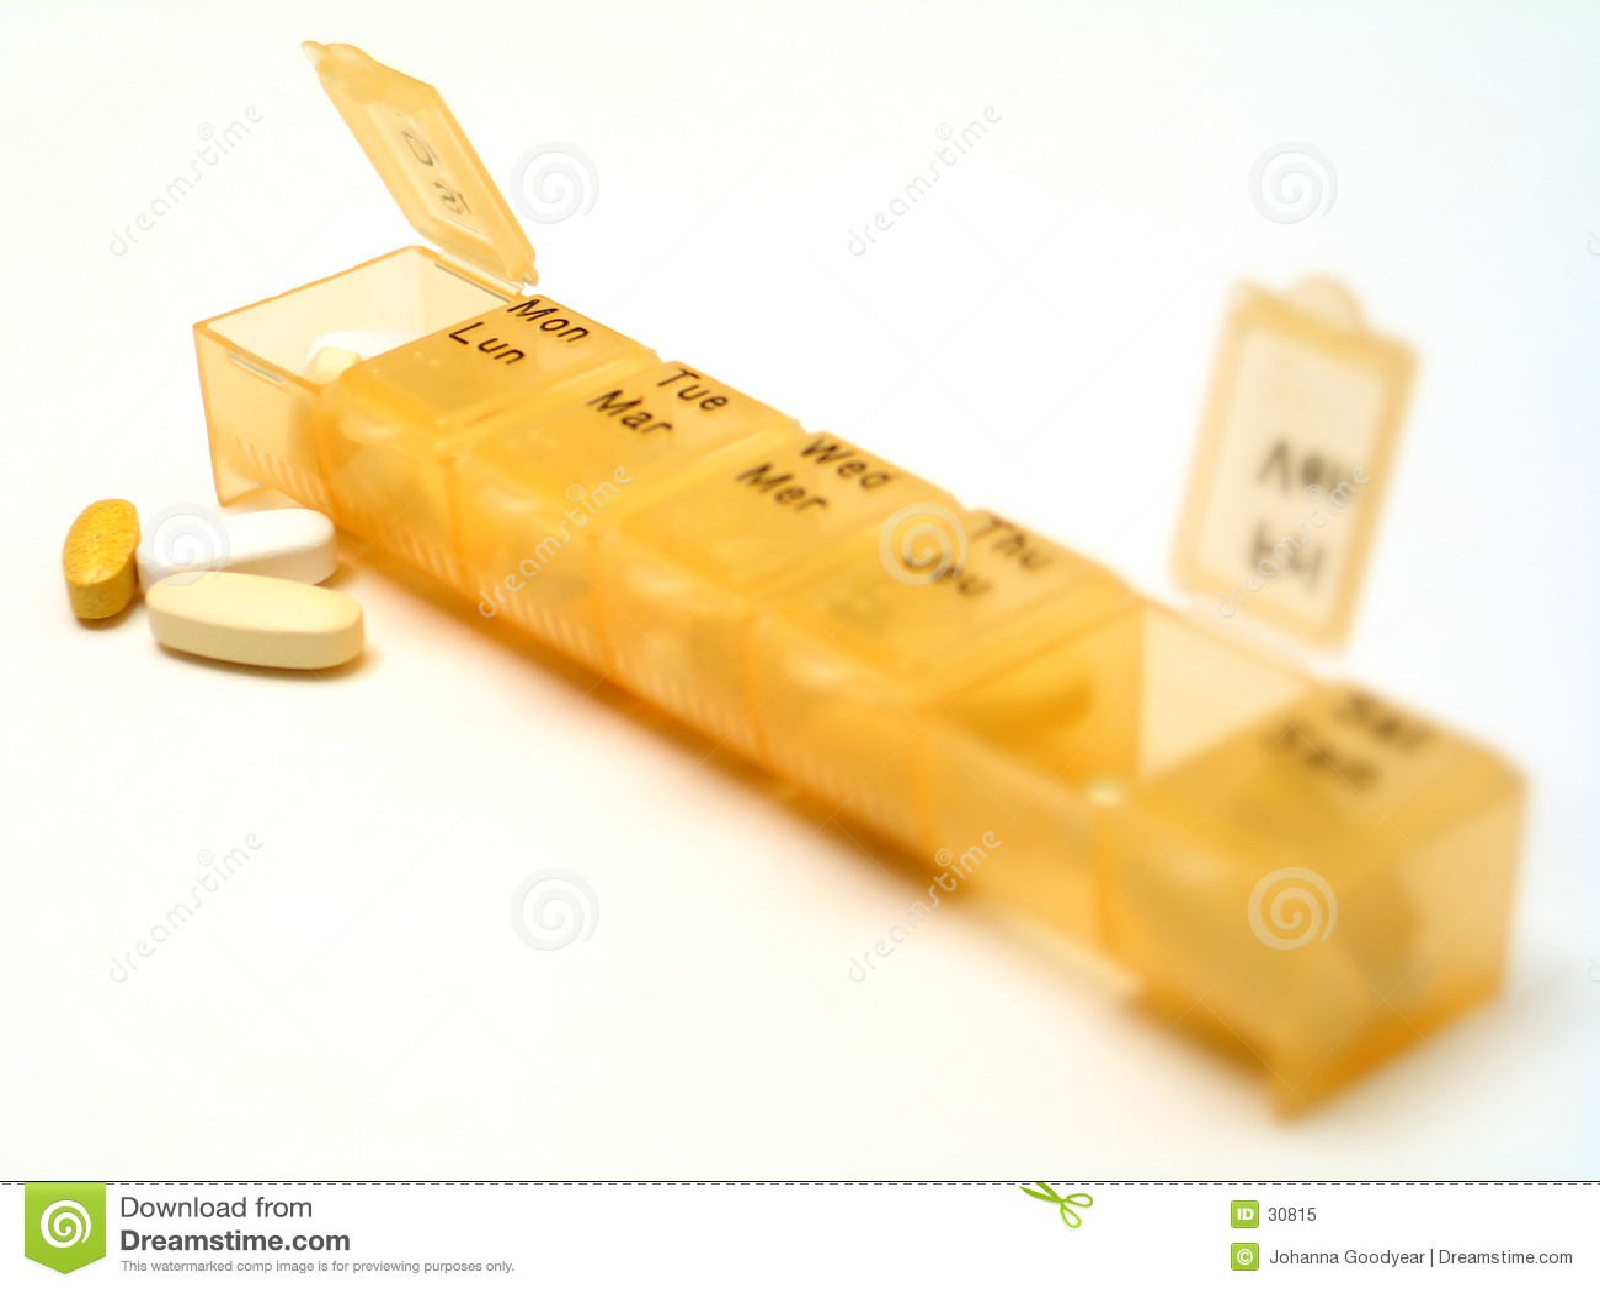 4 pills